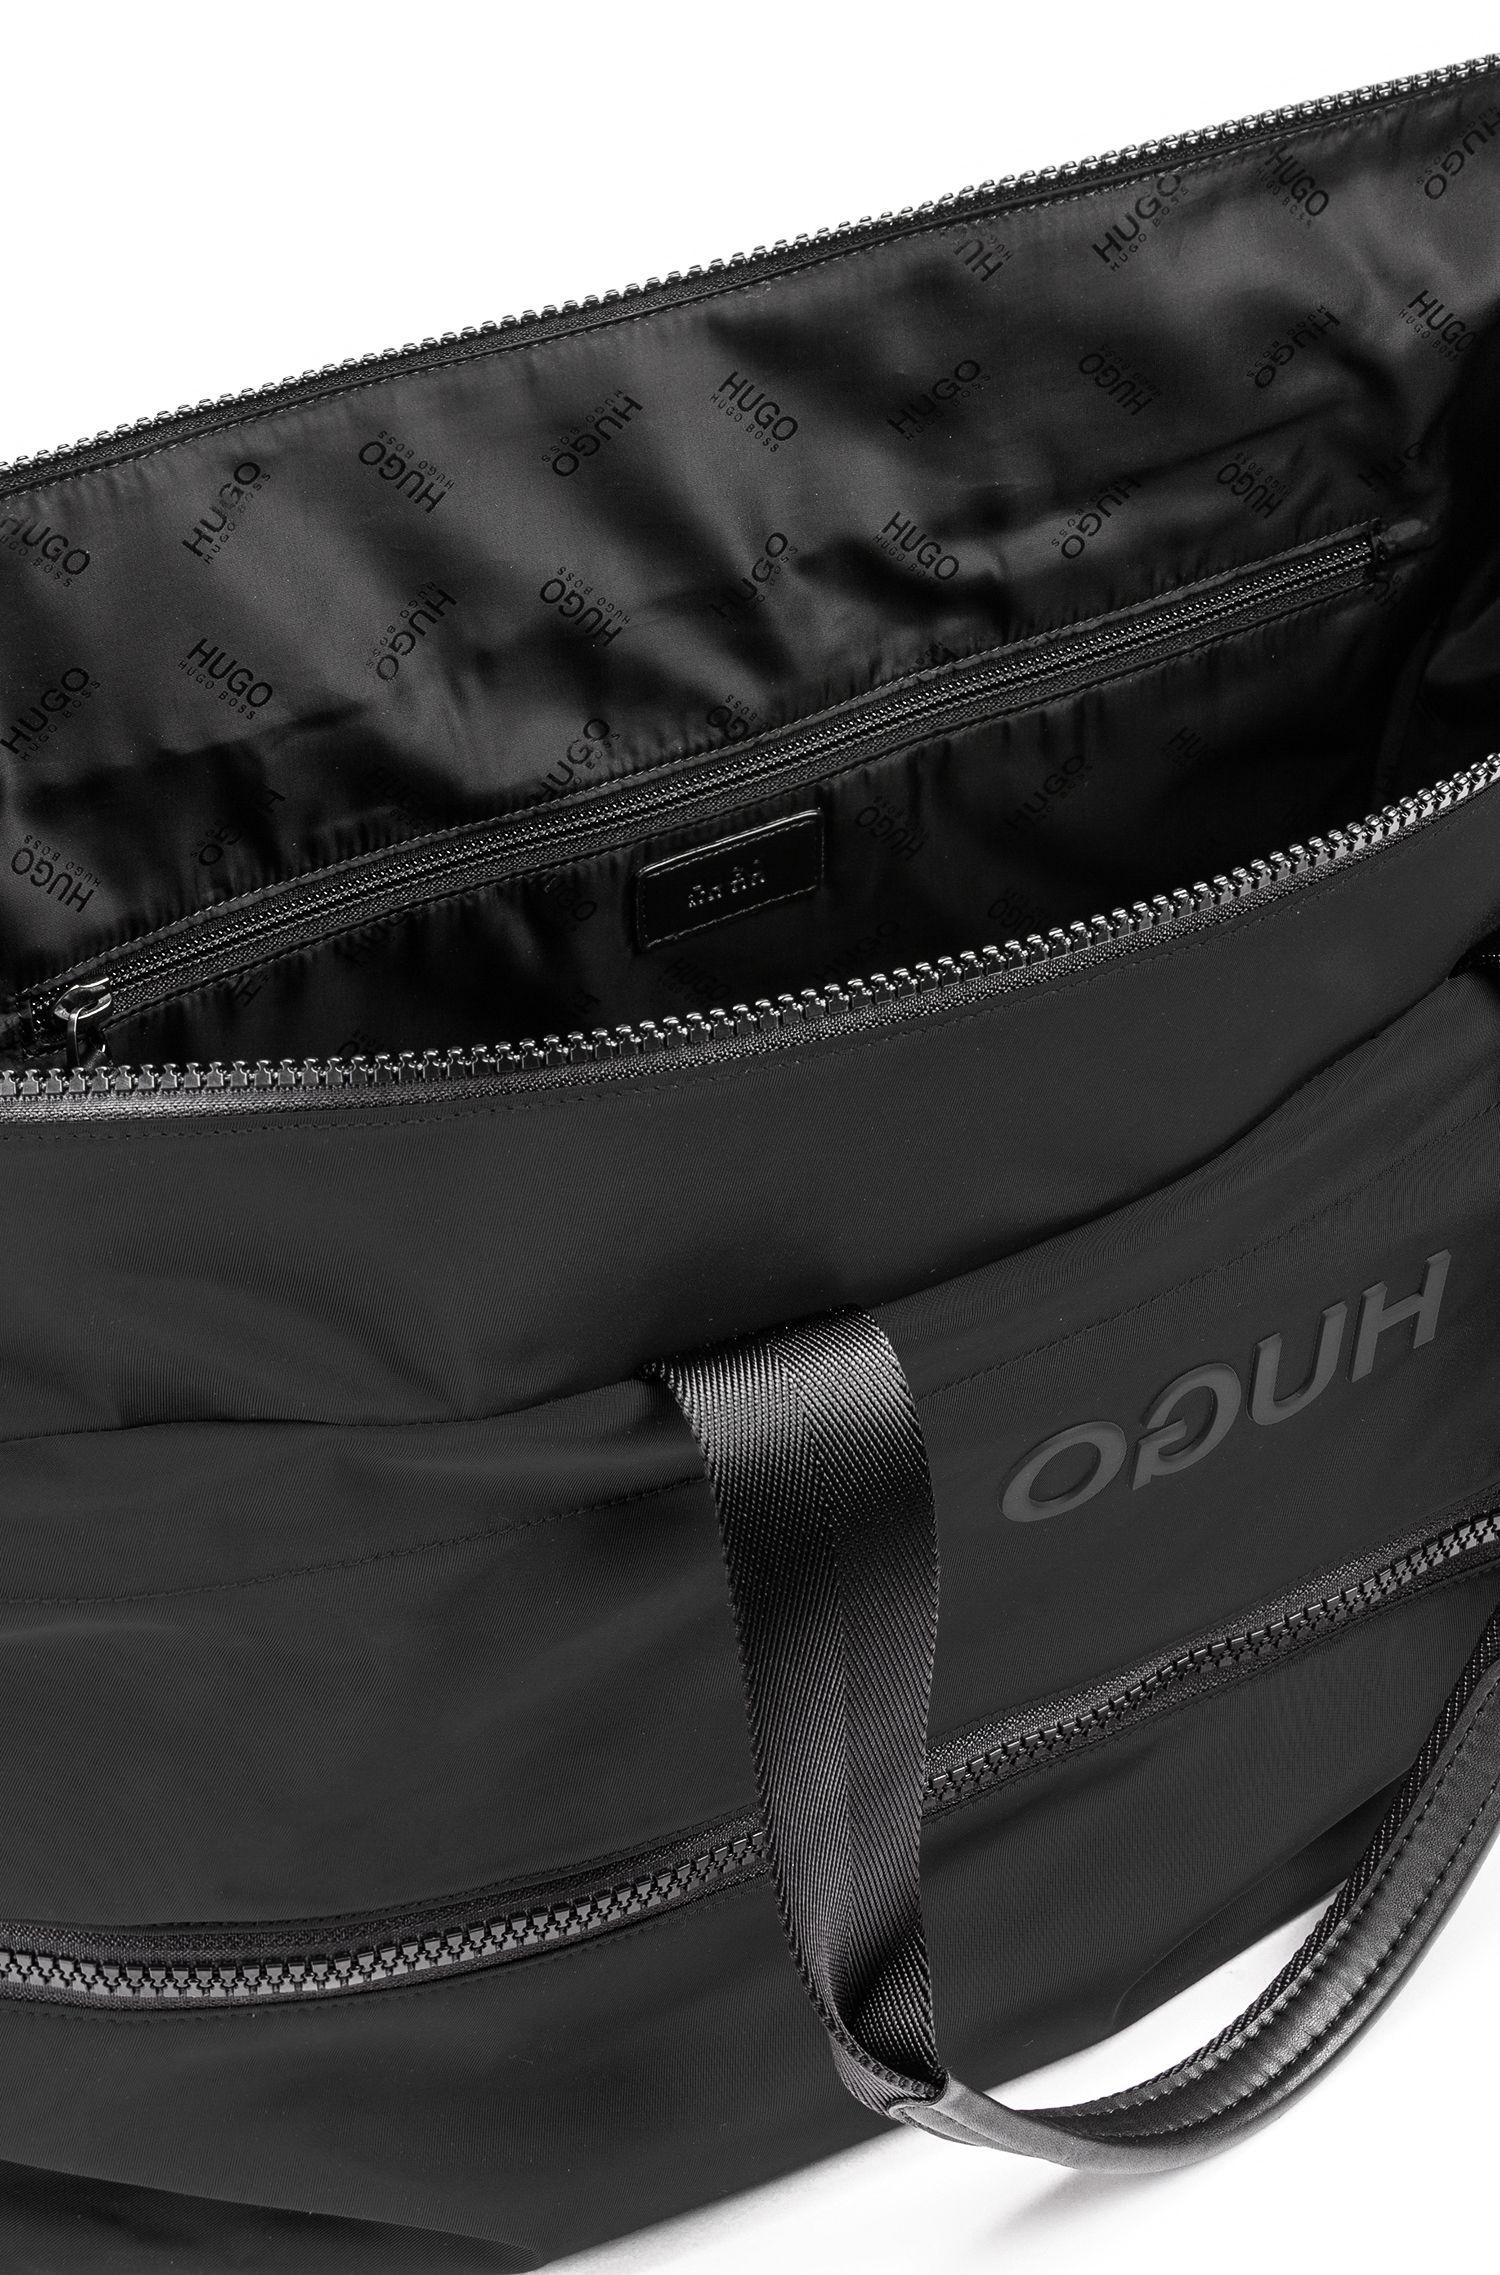 Hugo Boss - Amplio bolso weekender extensible en tejido de gabardina de nylon con logo invertido - 4